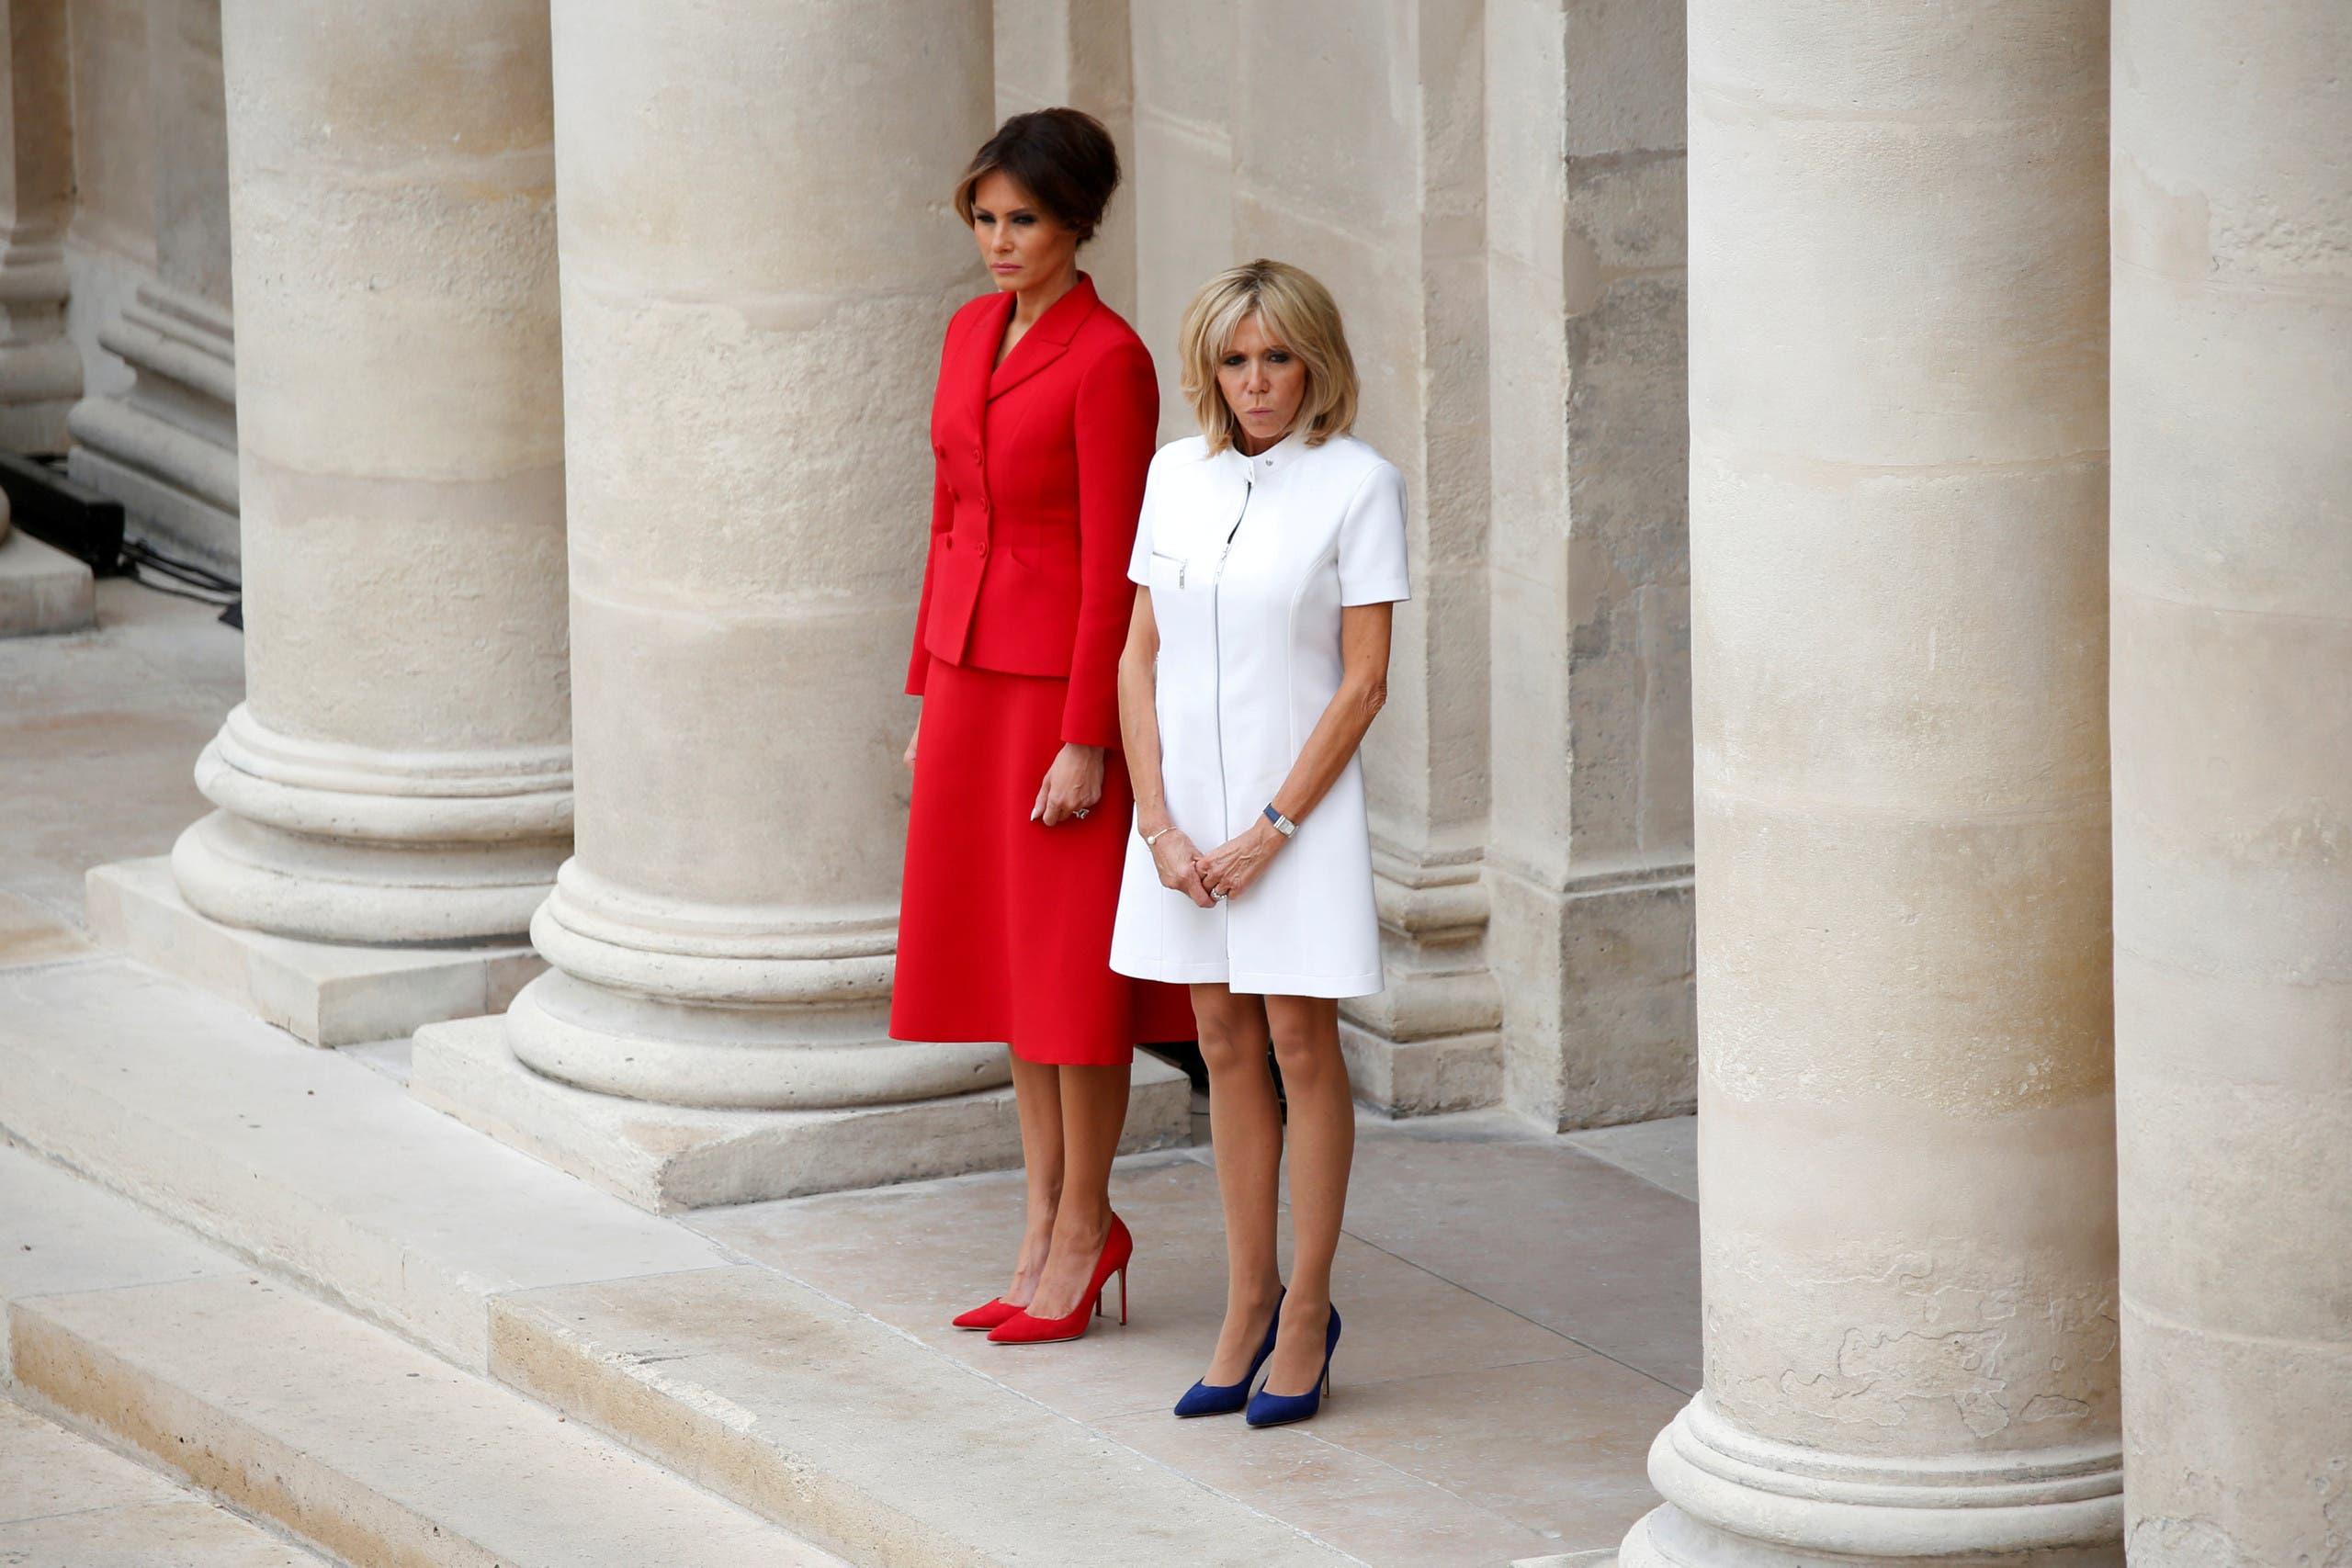 بريجيت وميلانيا ترمب خلال زيارة الرئيس الأميركي وزوجته لفرنسا في يوليو الماضي